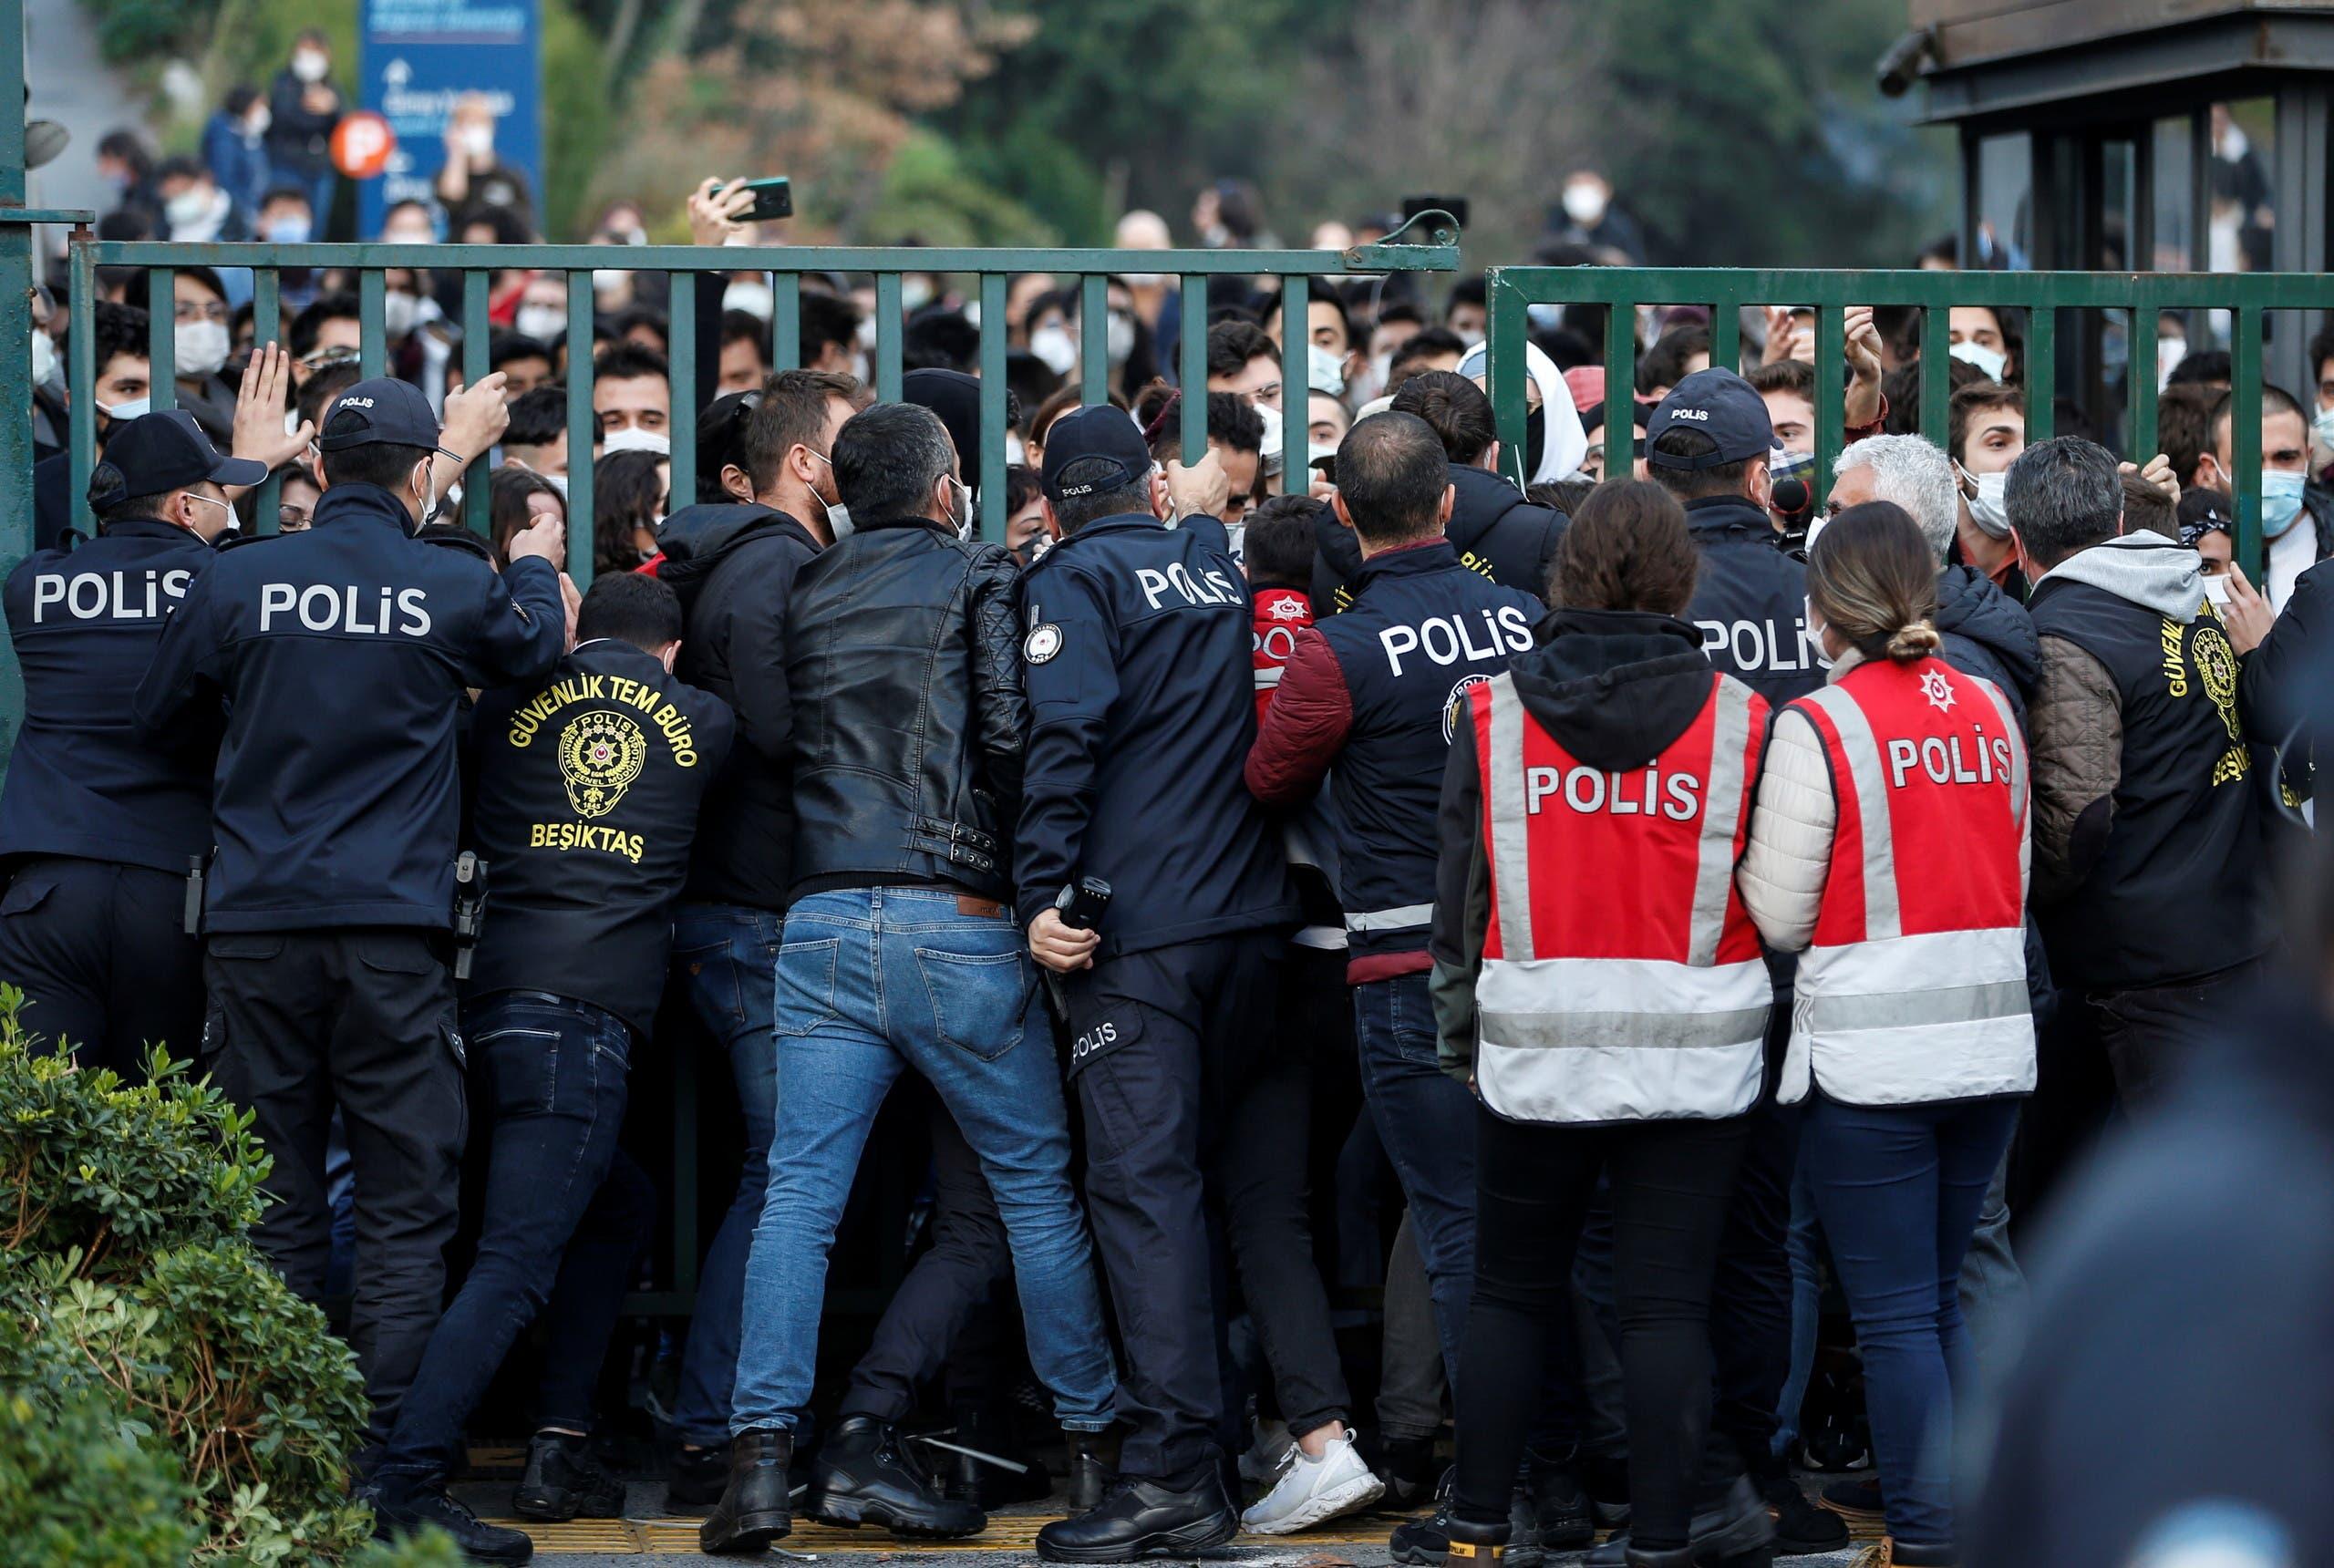 از تظاهرات مقابل دانشگاه بسفر در استانبول